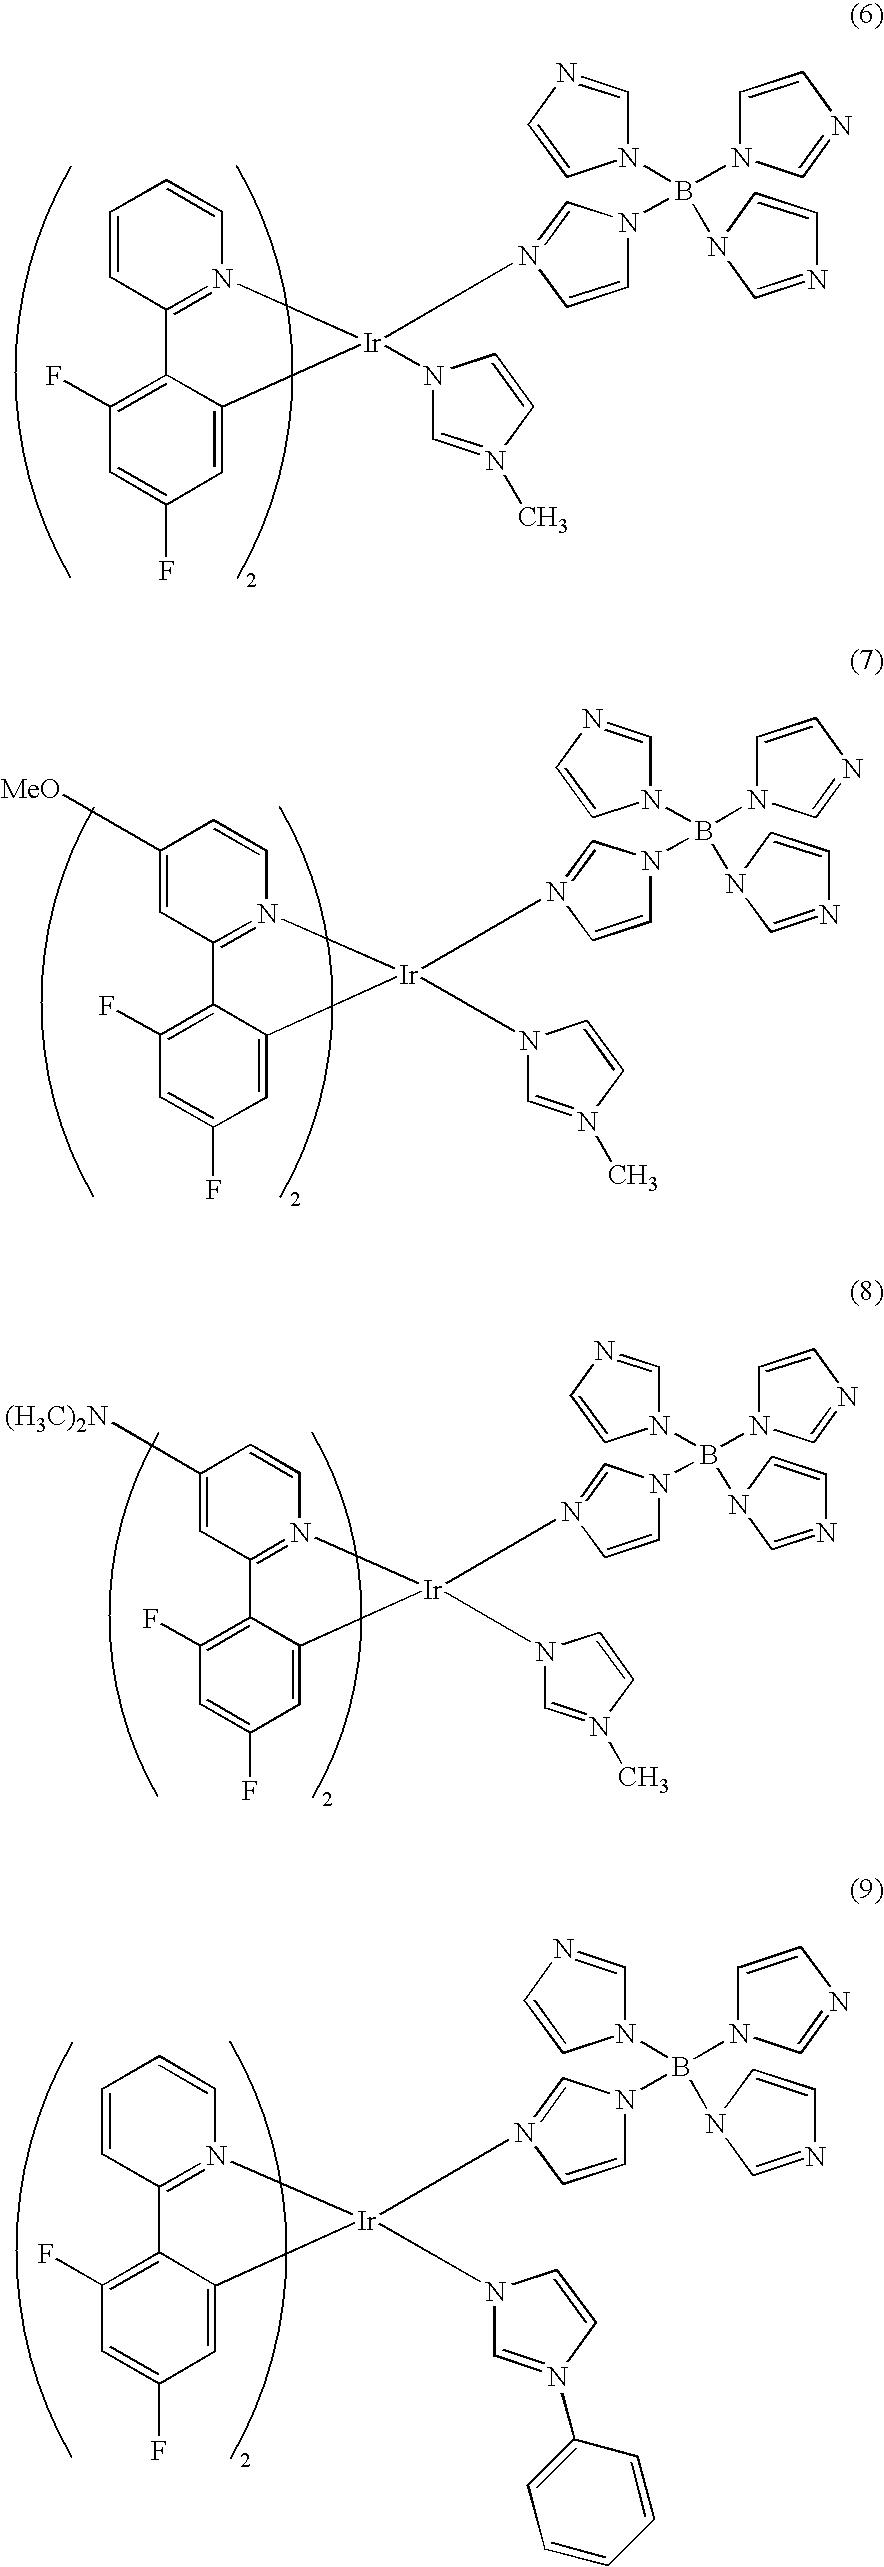 Figure US20060177695A1-20060810-C00028